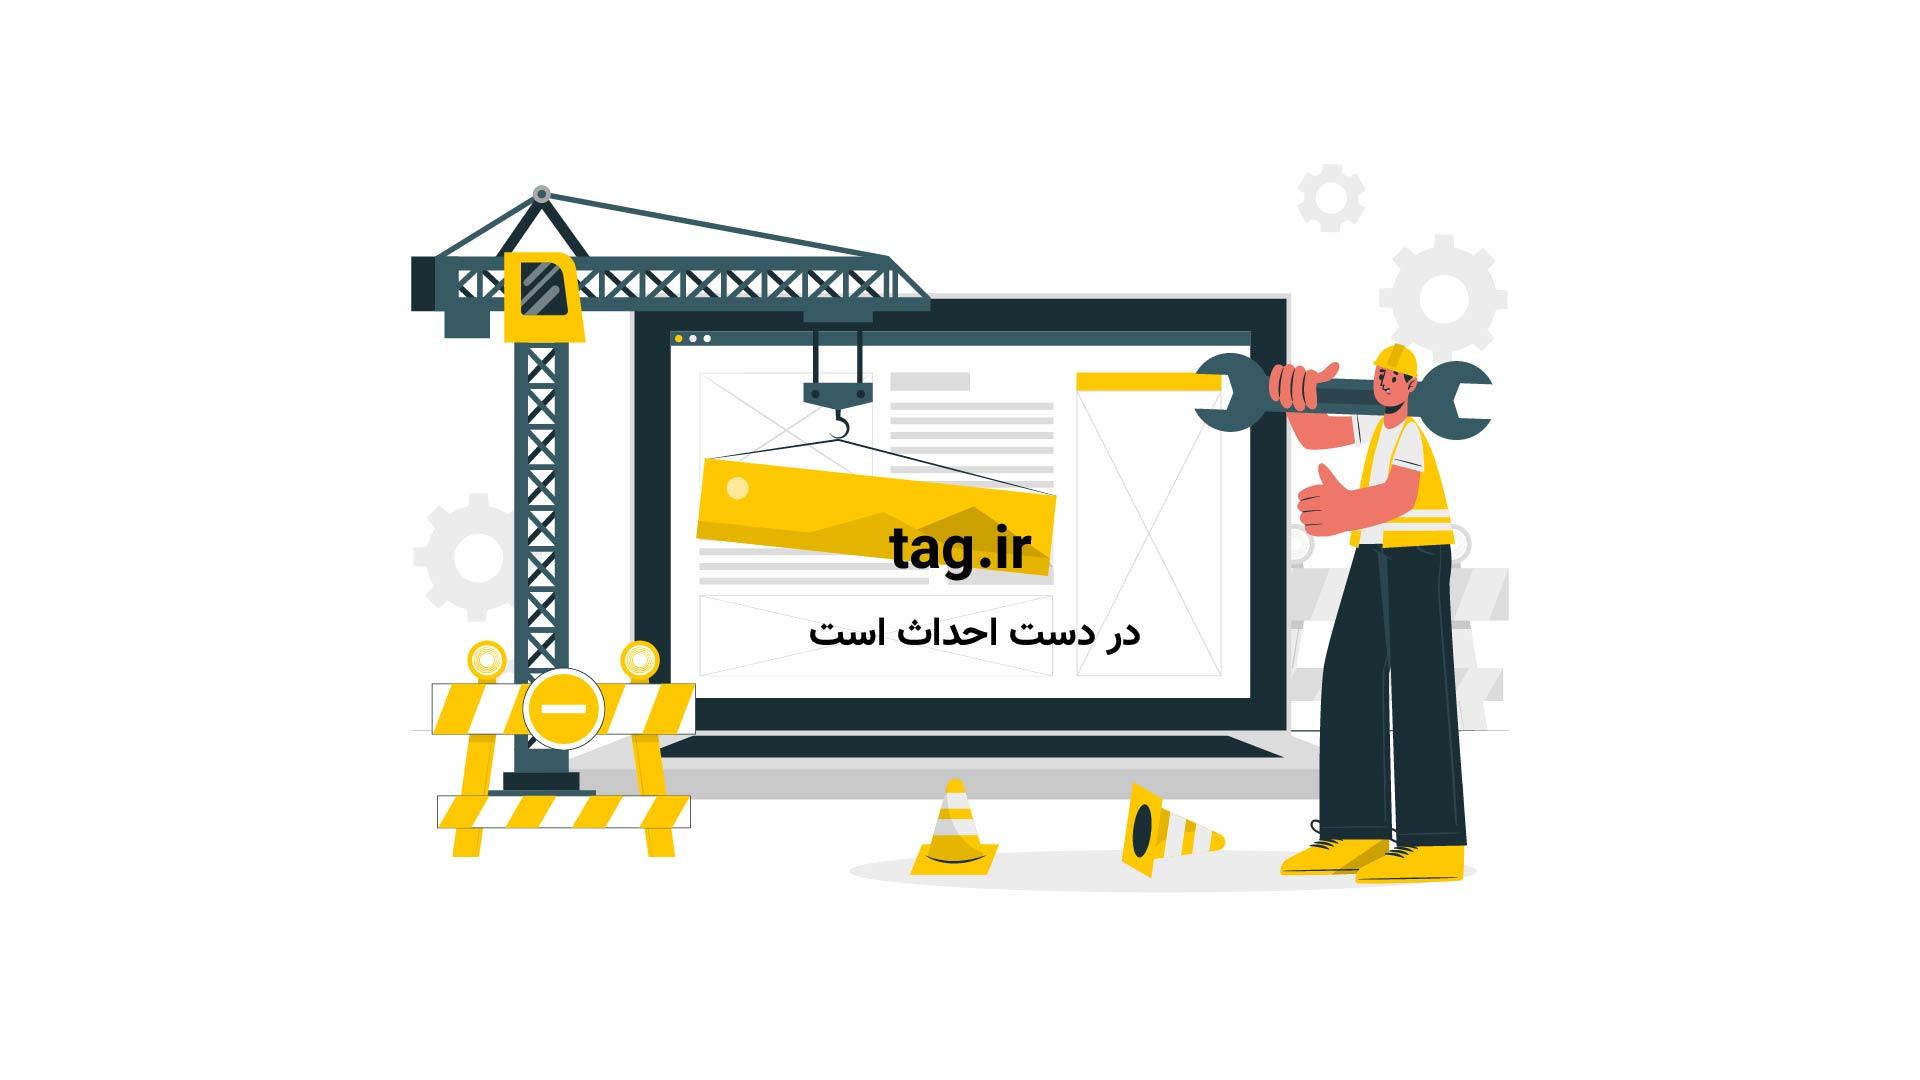 حمام تاریخی خان در شهر سنندج | فیلم